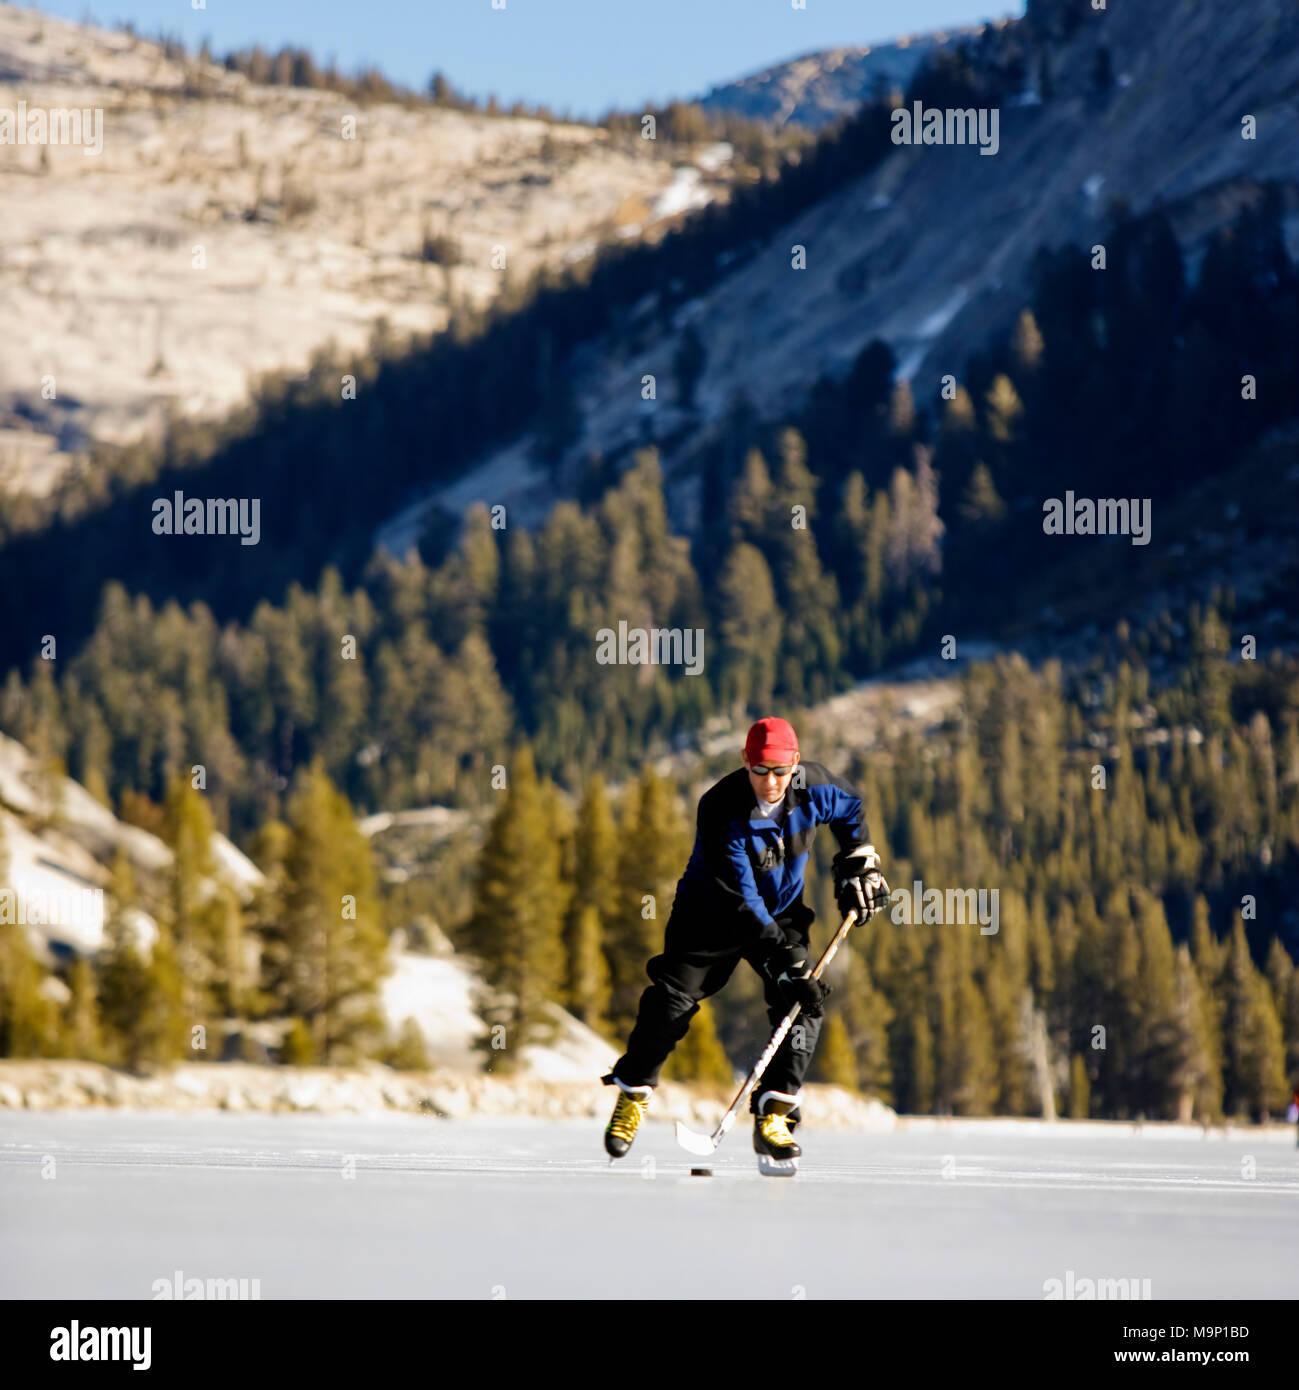 Basso angolo vista frontale di un pattinatore su ghiaccio la riproduzione di hockey su ghiaccio su una neve libera, congelati Tenaya Lake nel Parco Nazionale di Yosemite. Immagini Stock